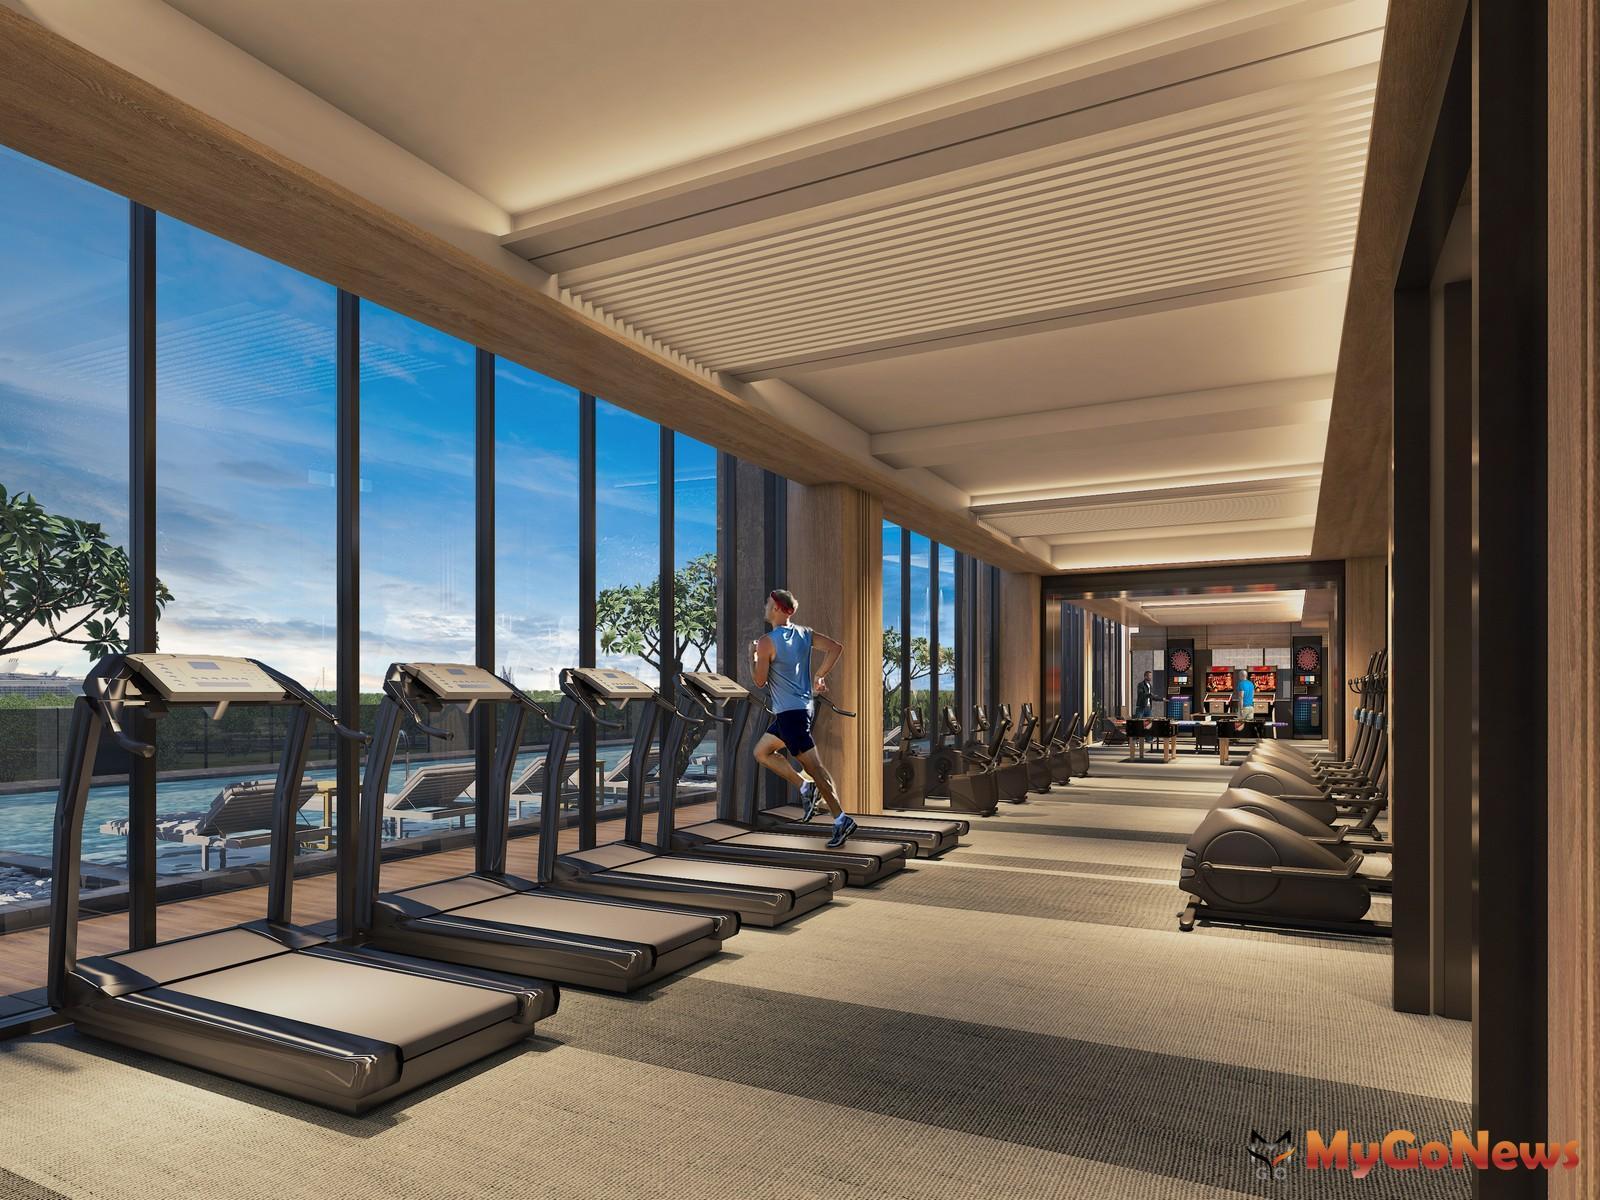 下樓就能運動健身,揮灑汗水的同時,還能一邊欣賞海灣景色。圖/ 興富發提供 MyGoNews房地產新聞 熱銷推案